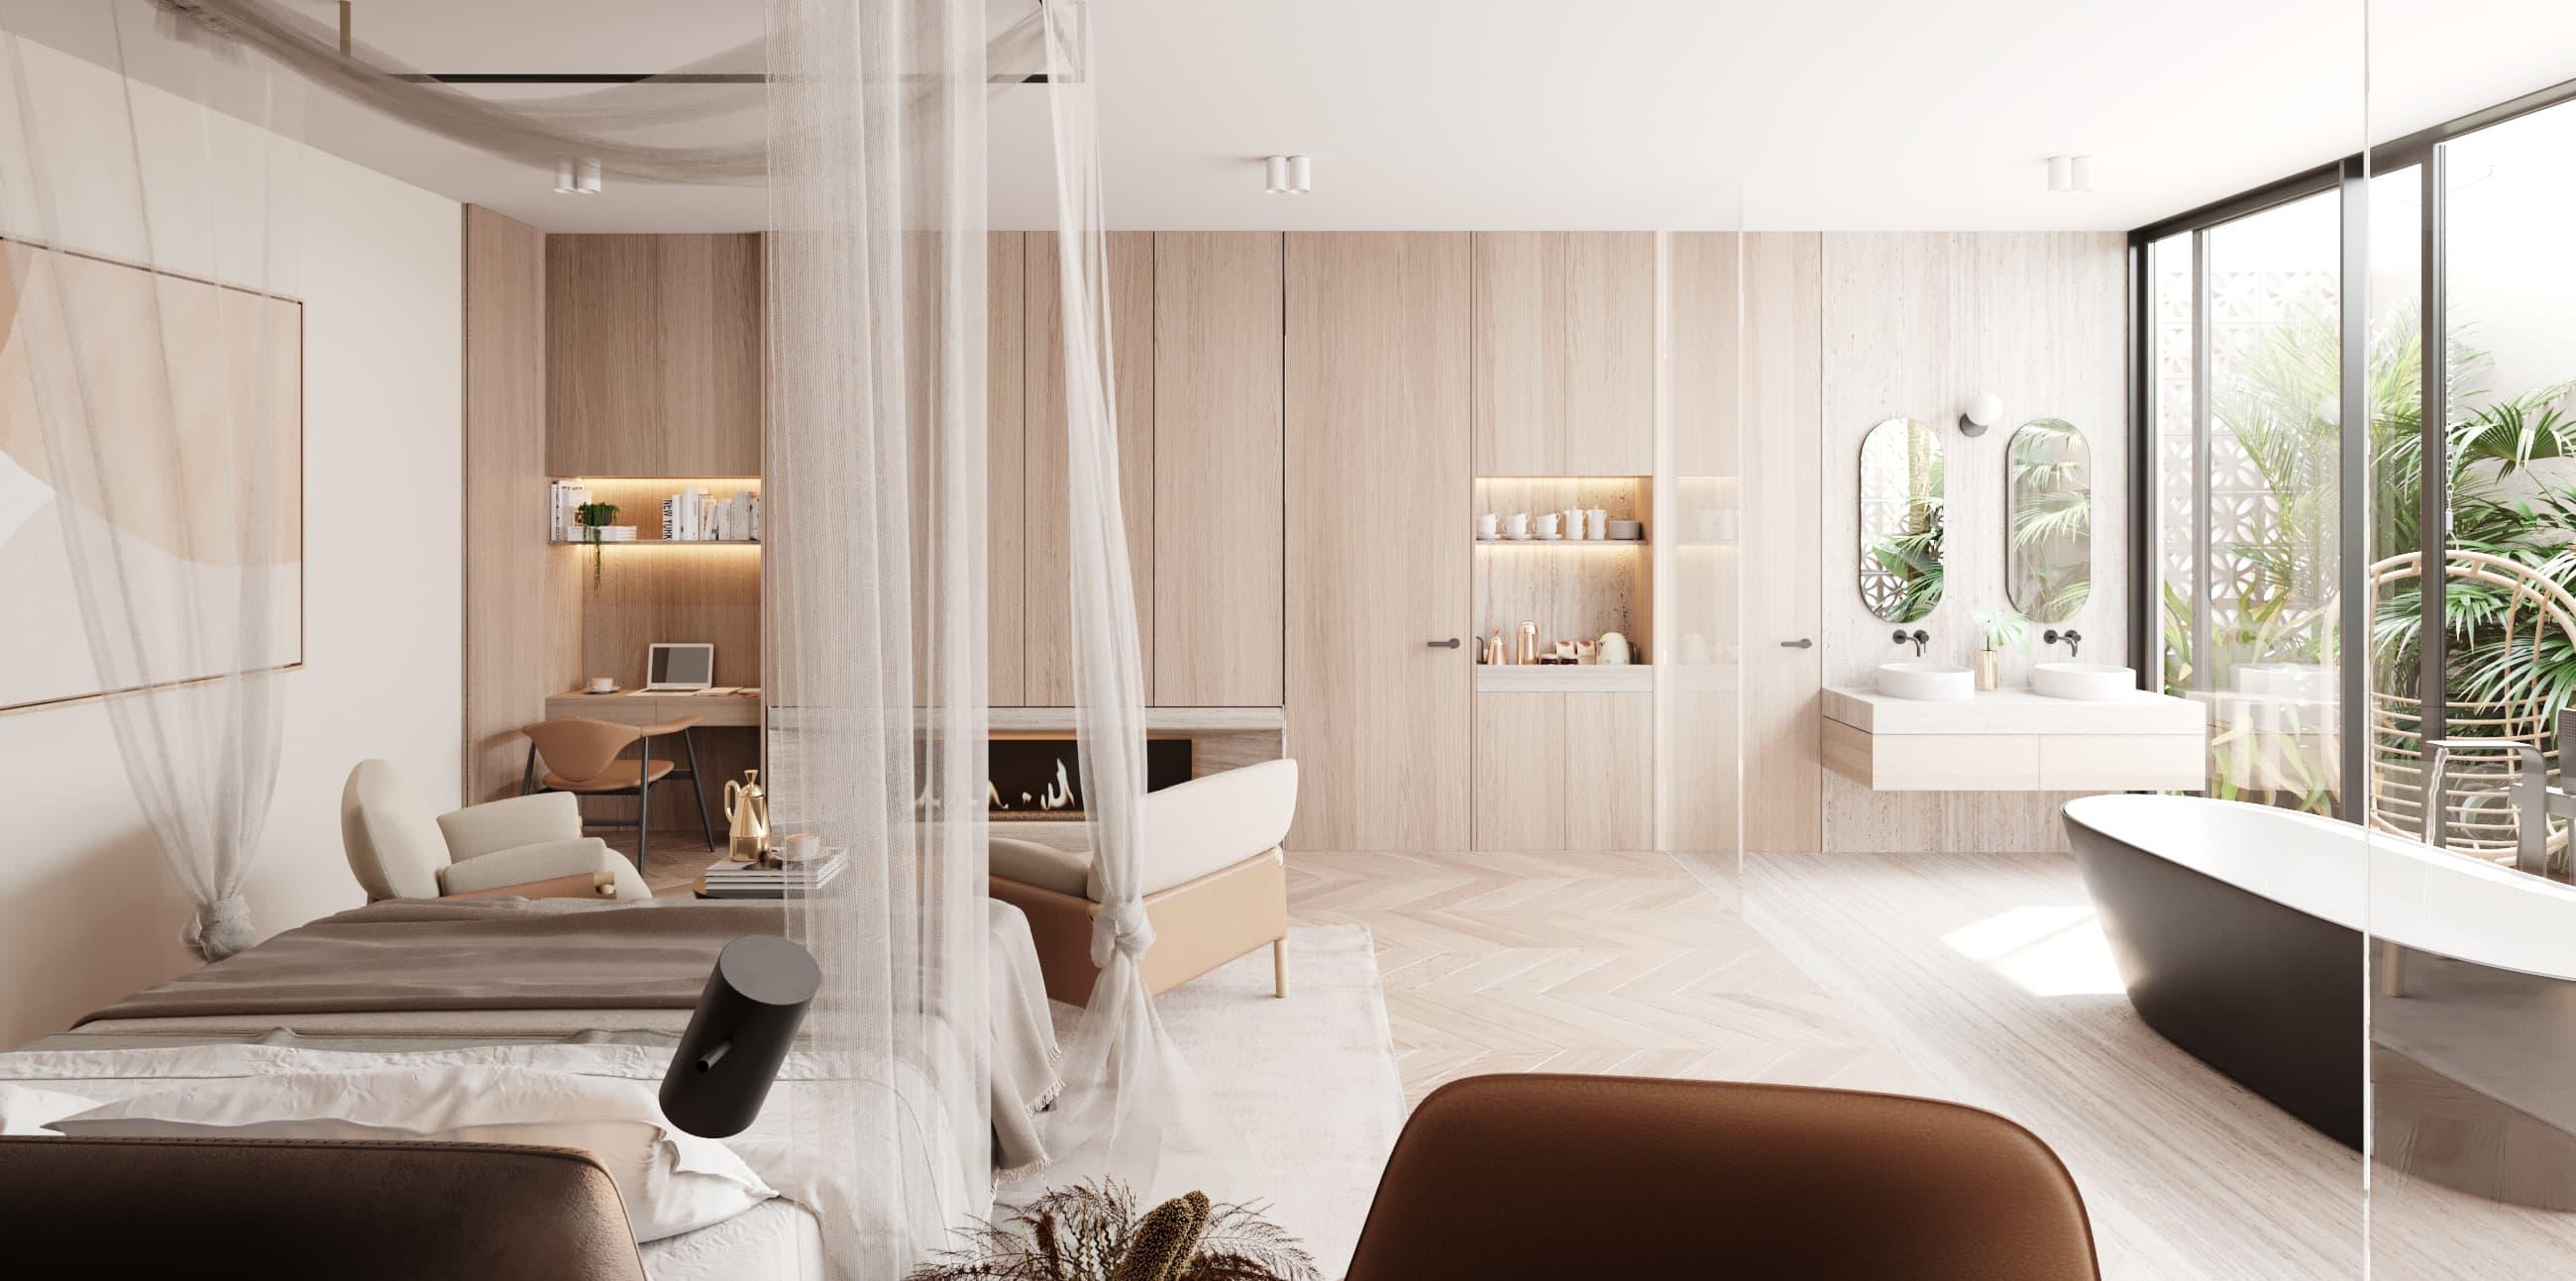 villa designs (21)